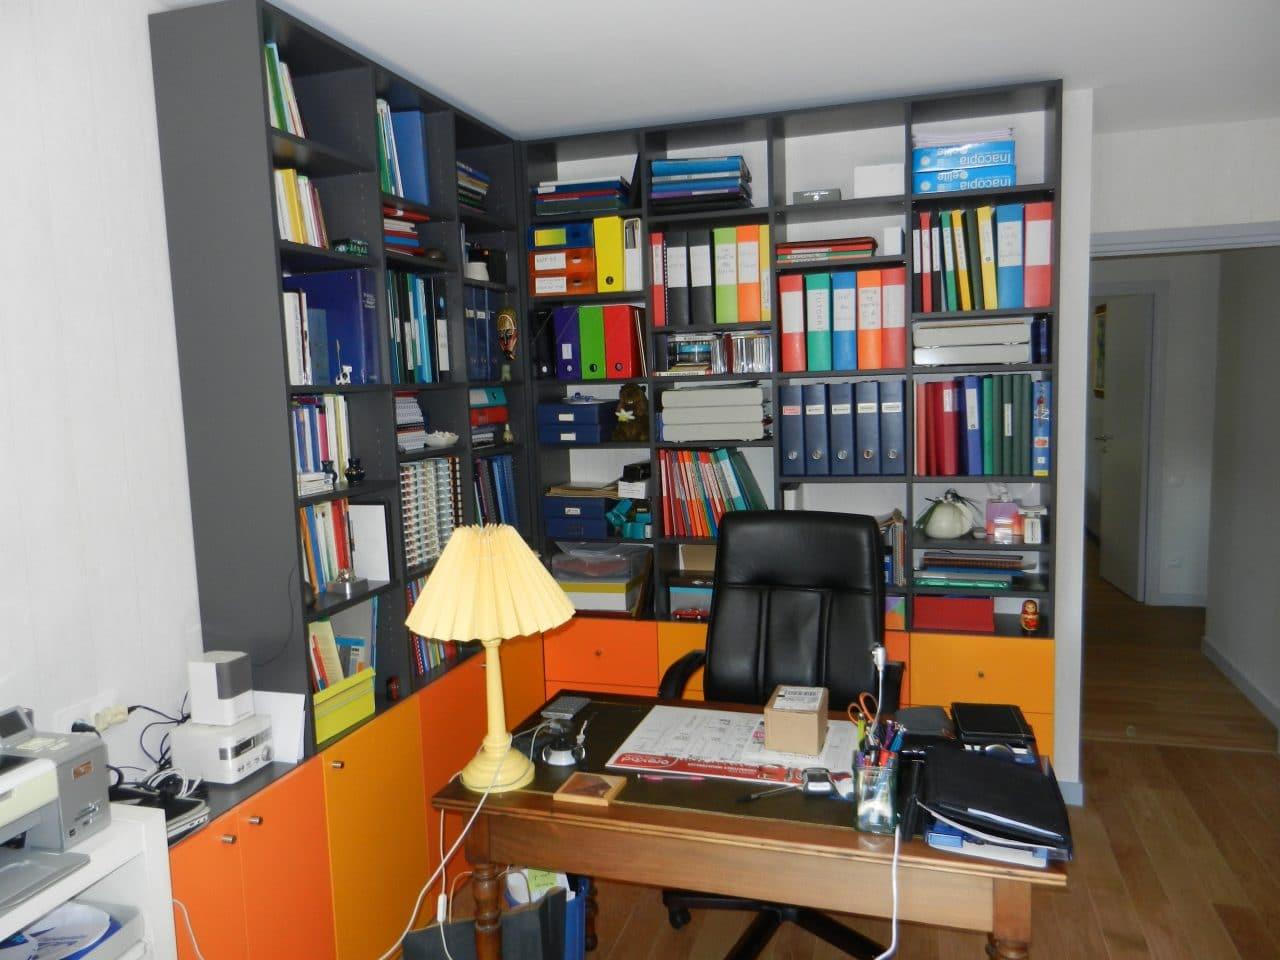 Bibliothèque Ste Foy Les Lyon idée de rénovation d'appartement à sainte-foy-lès-lyon (69) illico travaux